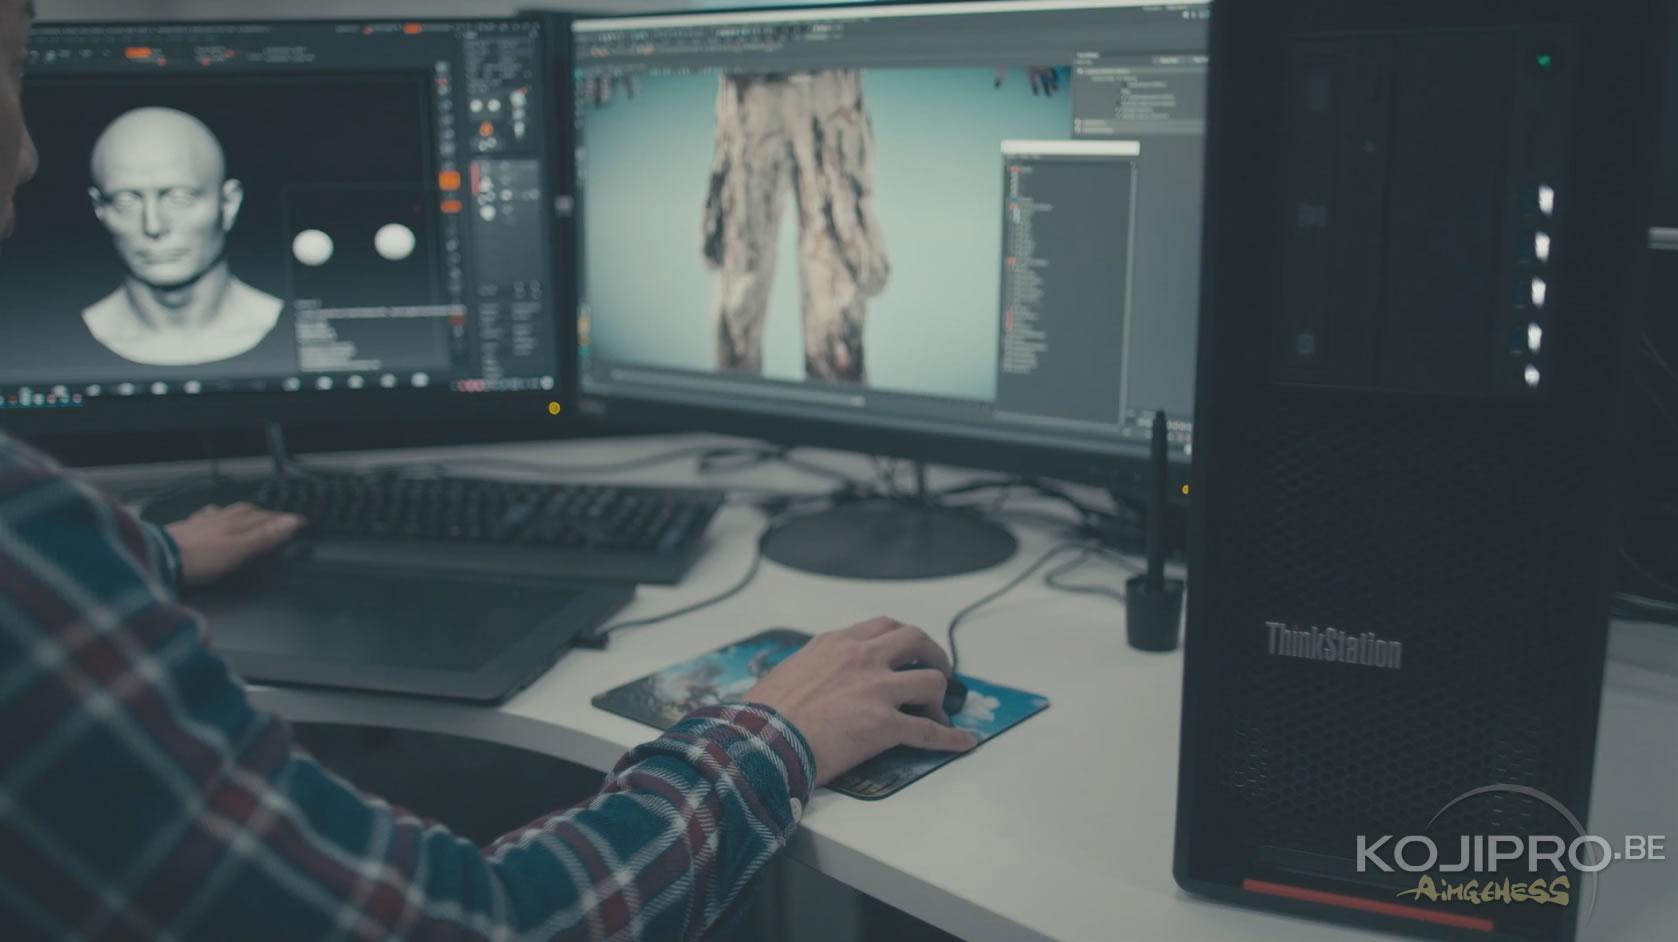 Création de modèles 3D de Death Stranding, lors de l'entretien avec Lenovo, en janvier 2017